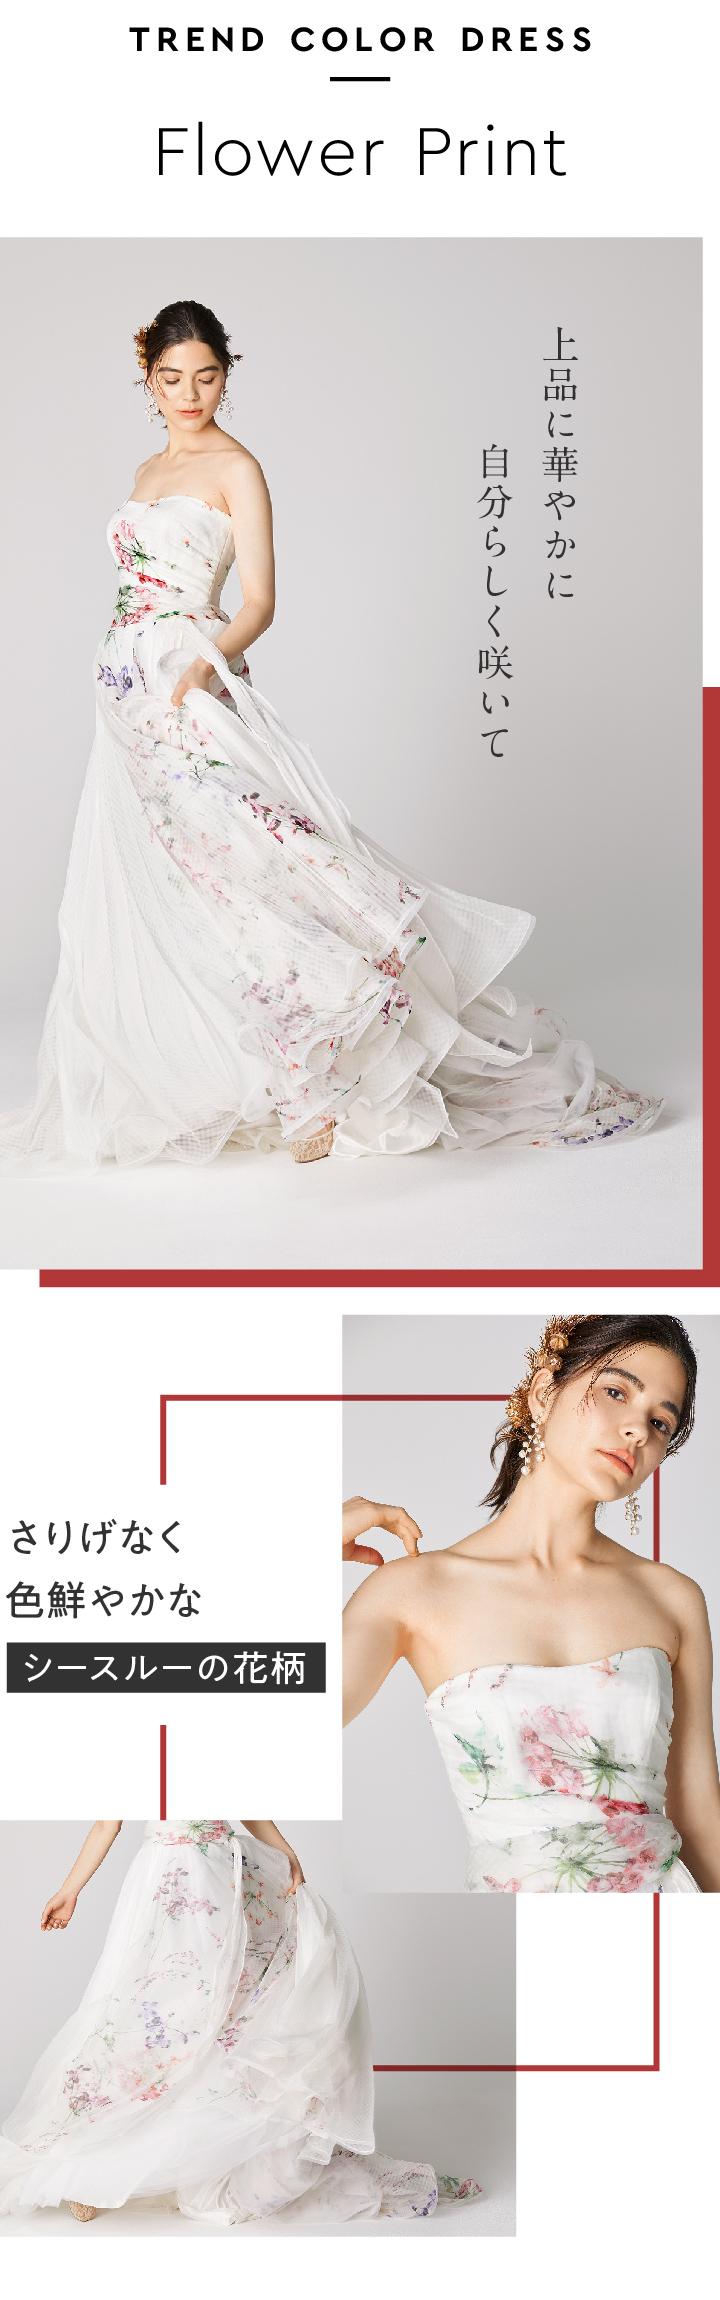 シースルーの「フラワープリント」ドレス